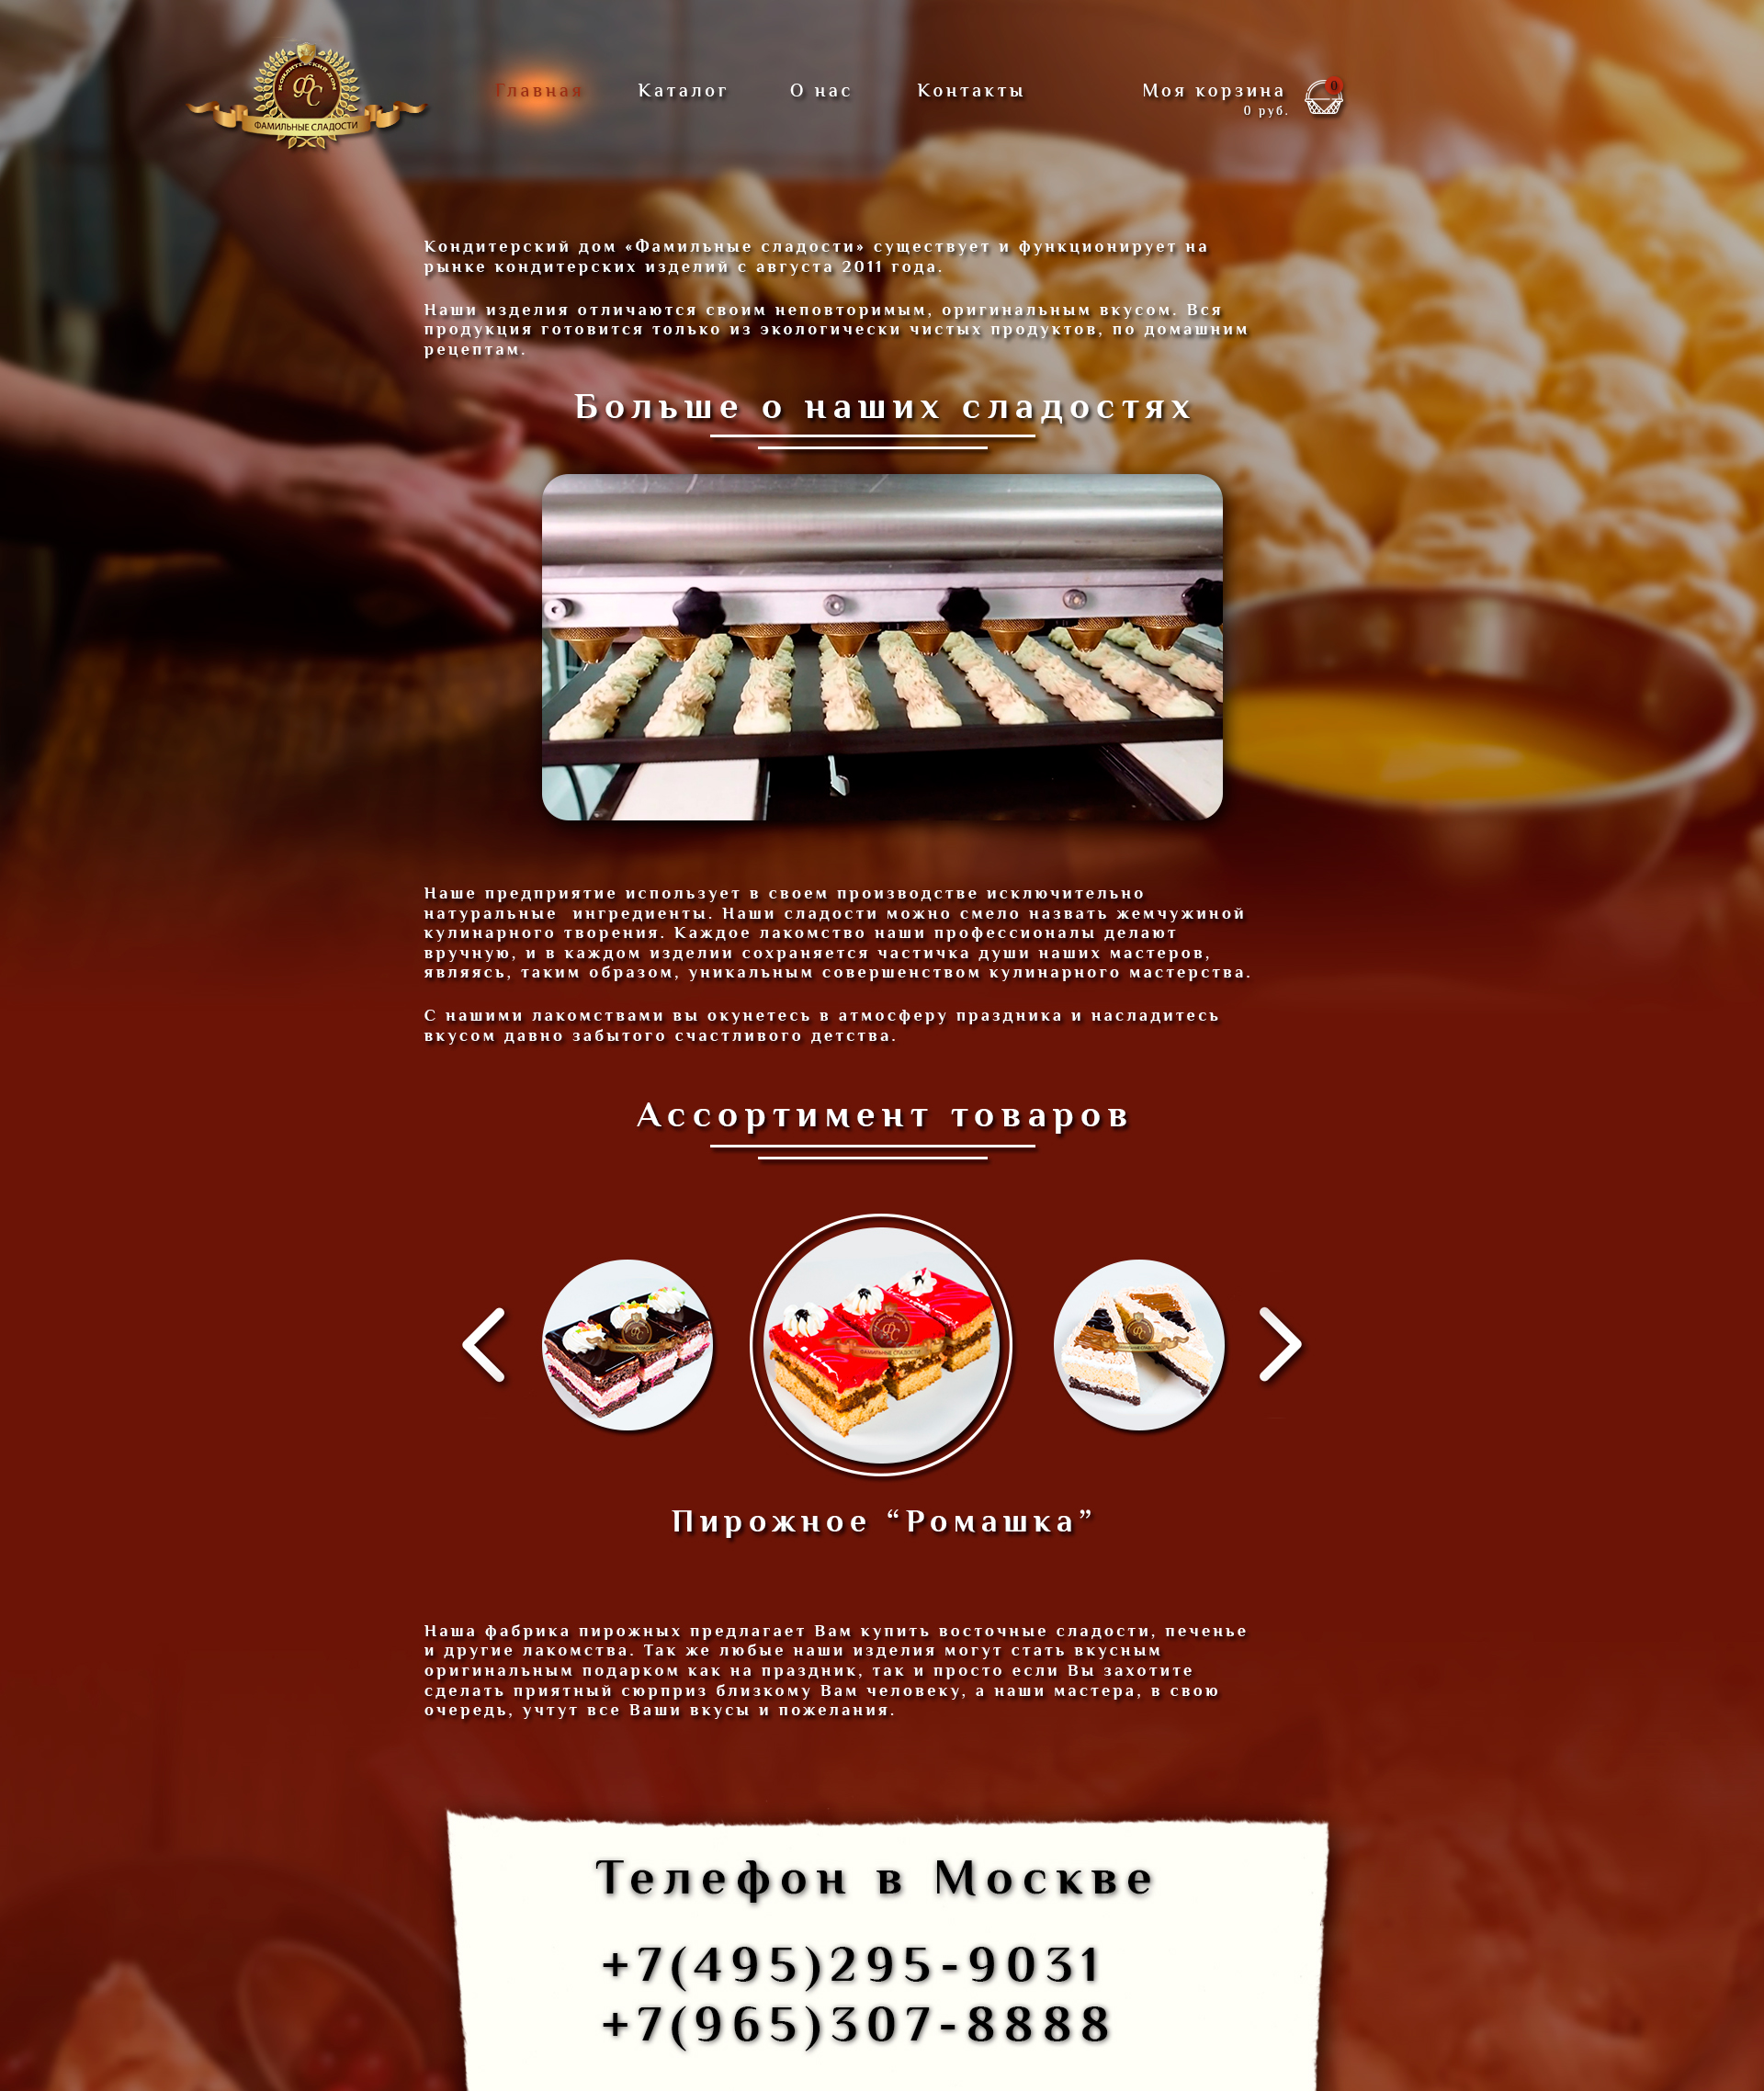 Редизайн главной страницы сайта кондитерского производства фото f_6145aa2ed12dbb28.jpg